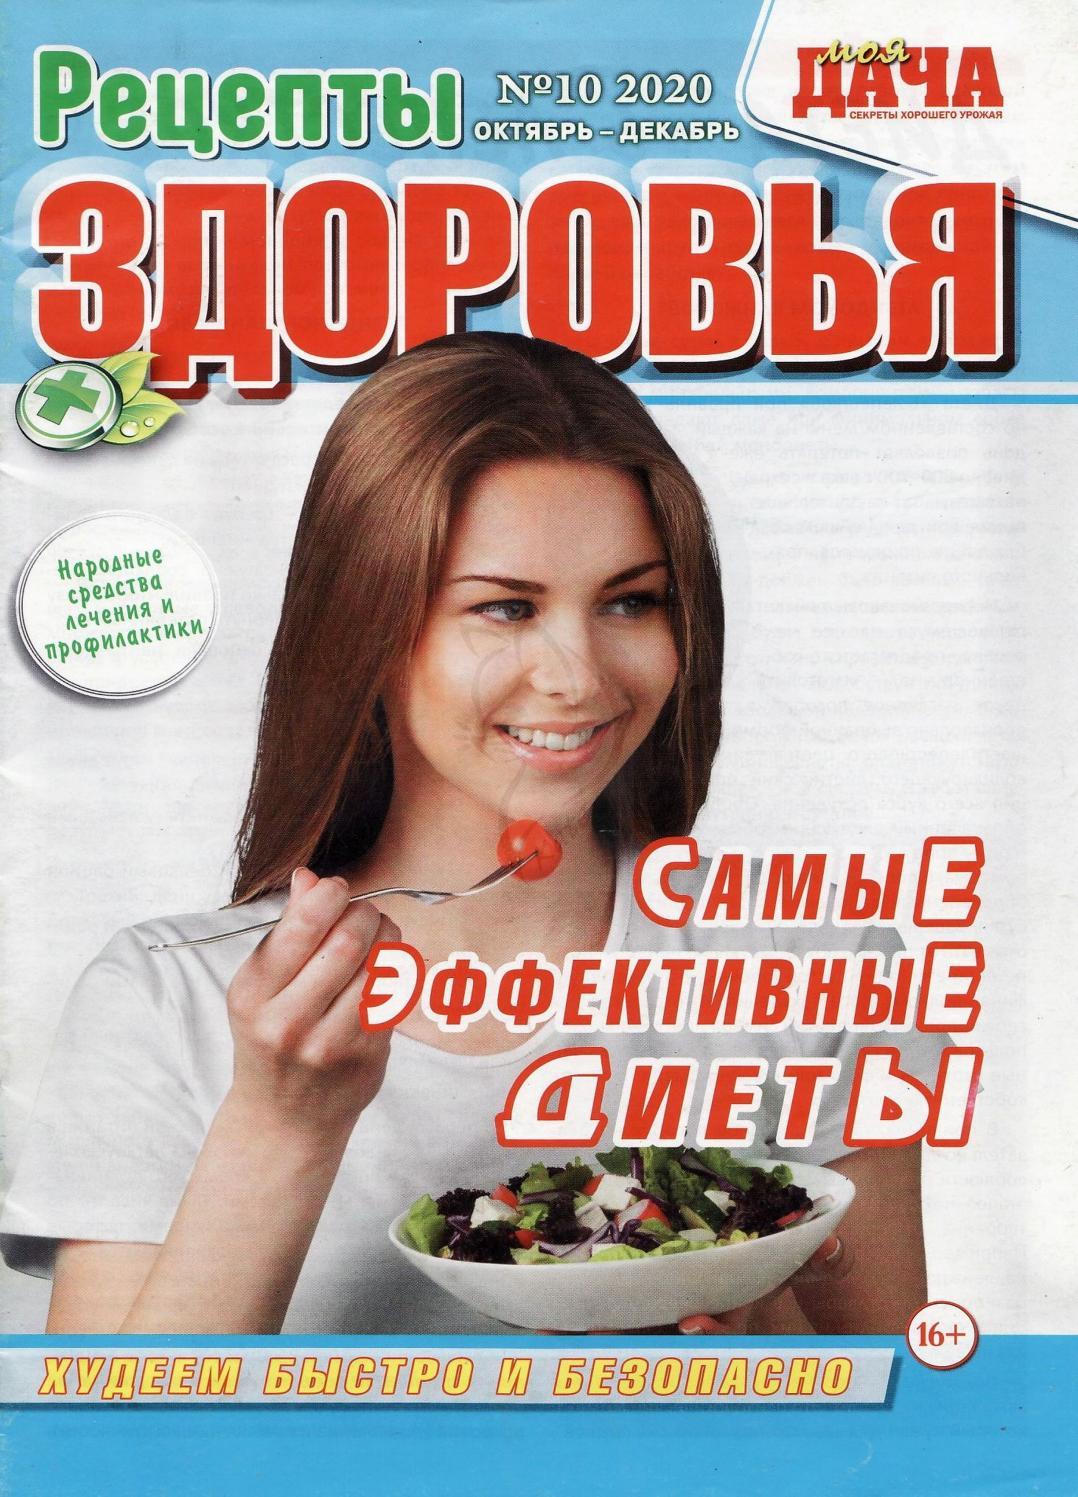 Рецепты здоровья №10, октябрь - декабрь 2020